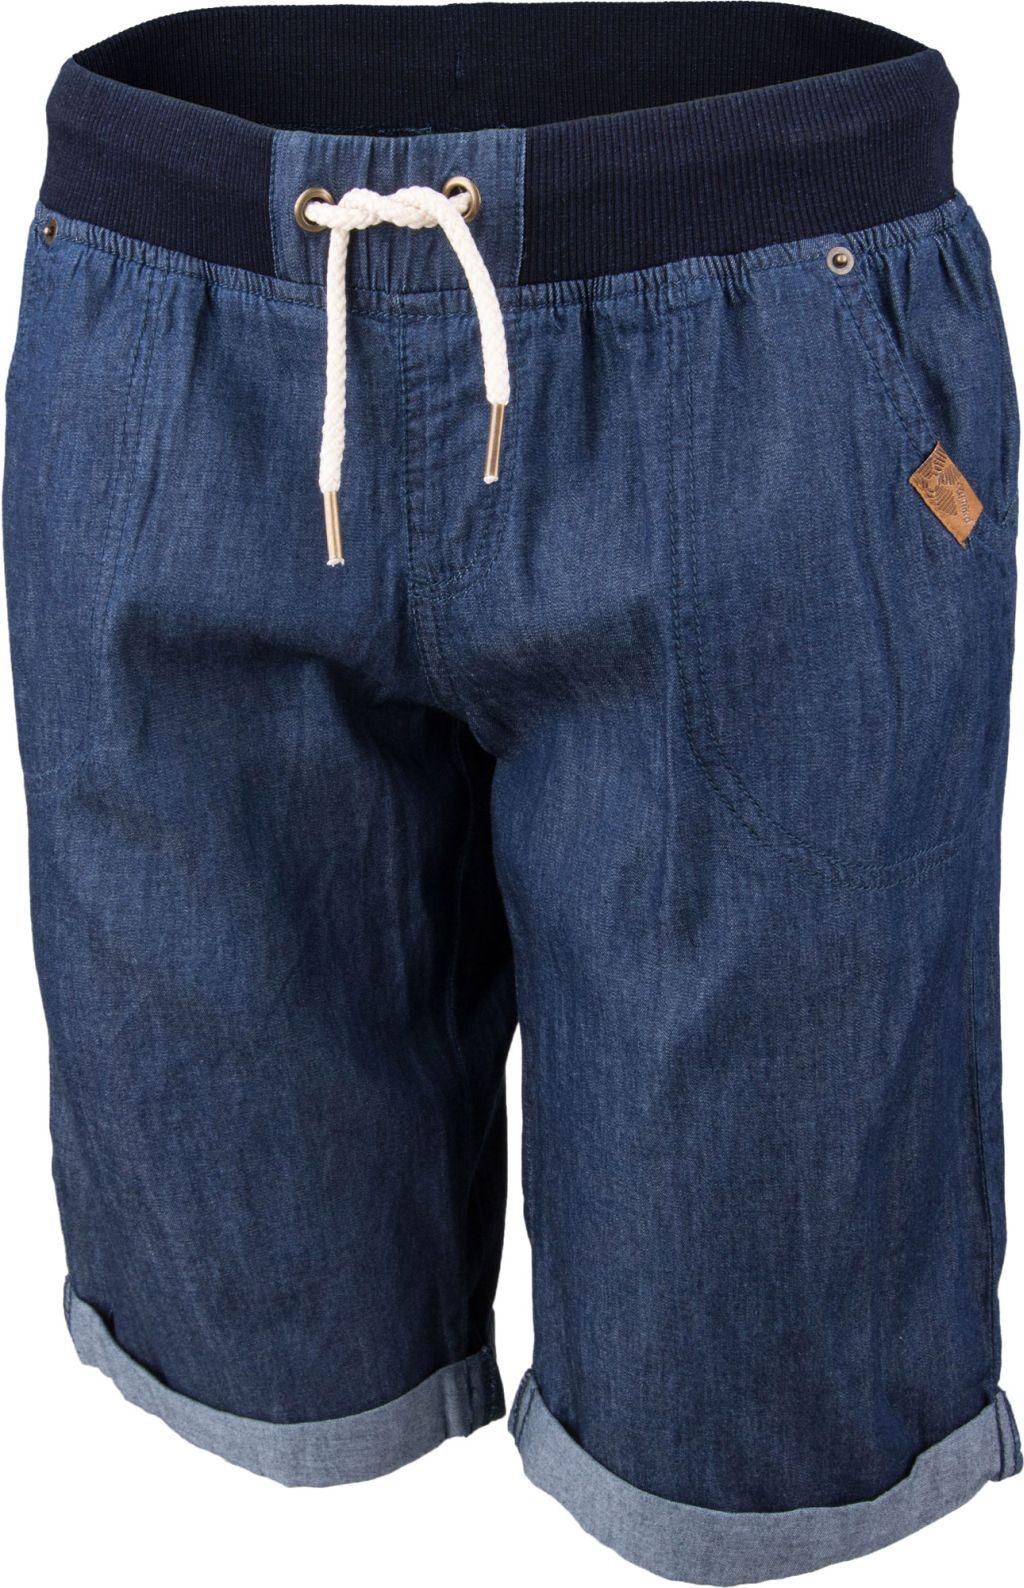 7b4a2e8076f5 Dámské šortky džínového vzhledu